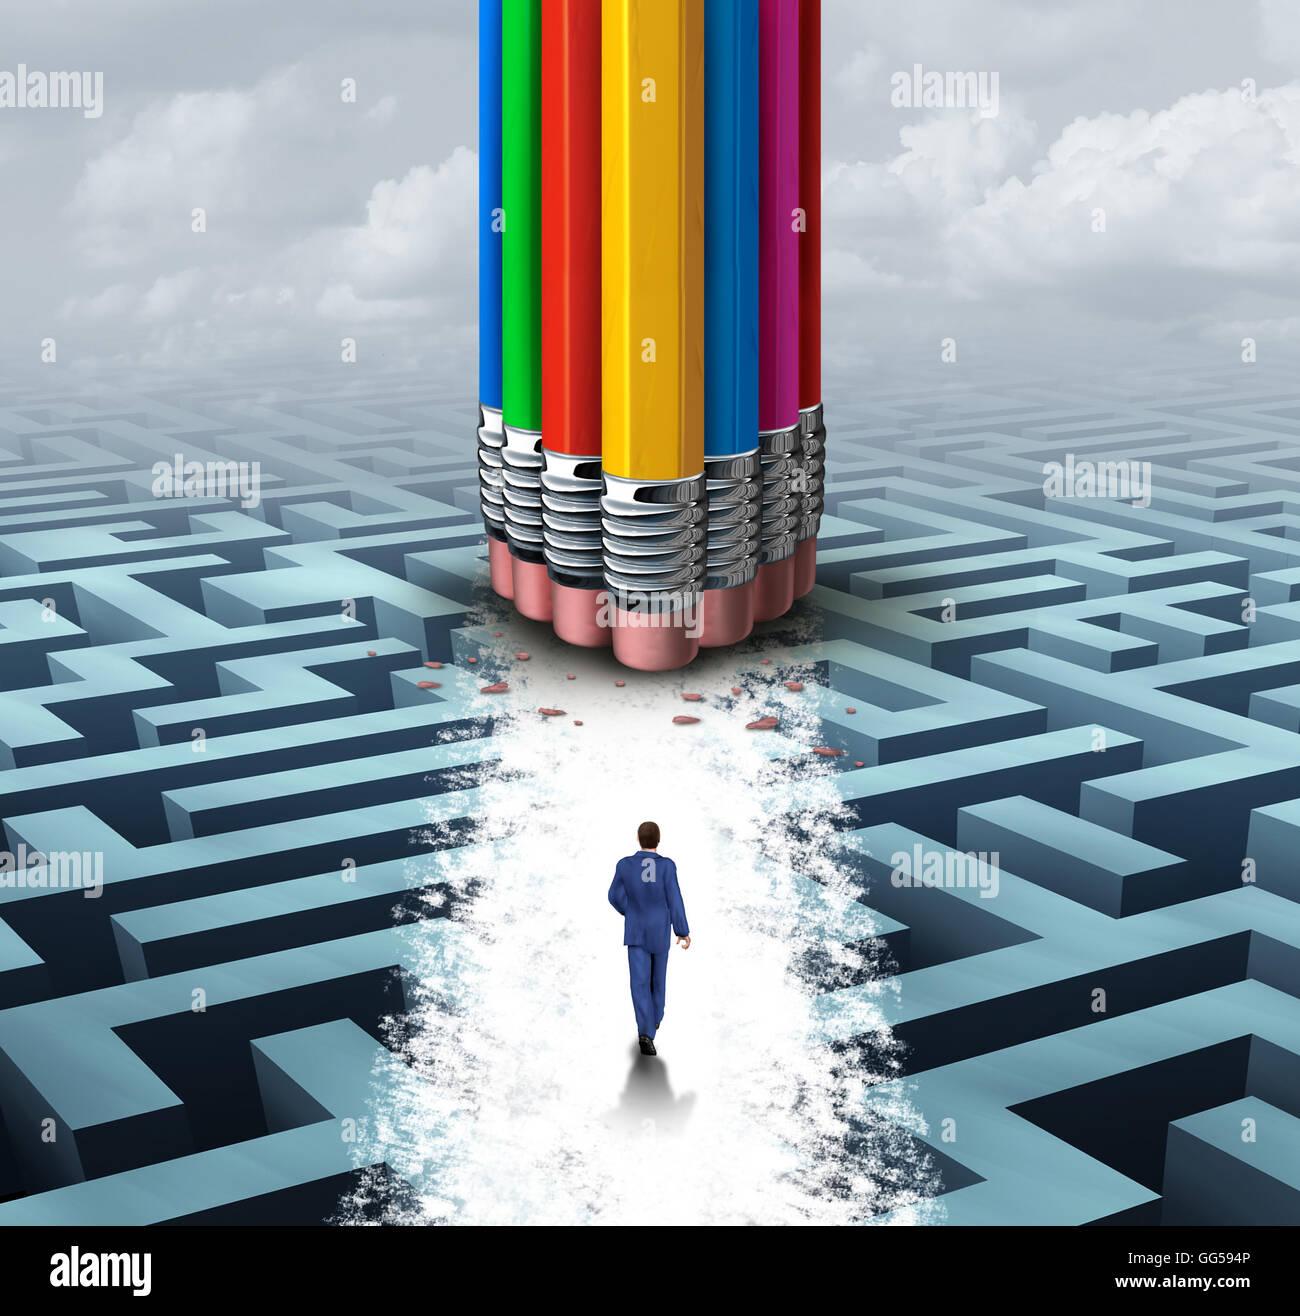 Innovare il concetto di gruppo come molte e differenti cancellatori matita cancellazione di un percorso su un labirinto Immagini Stock